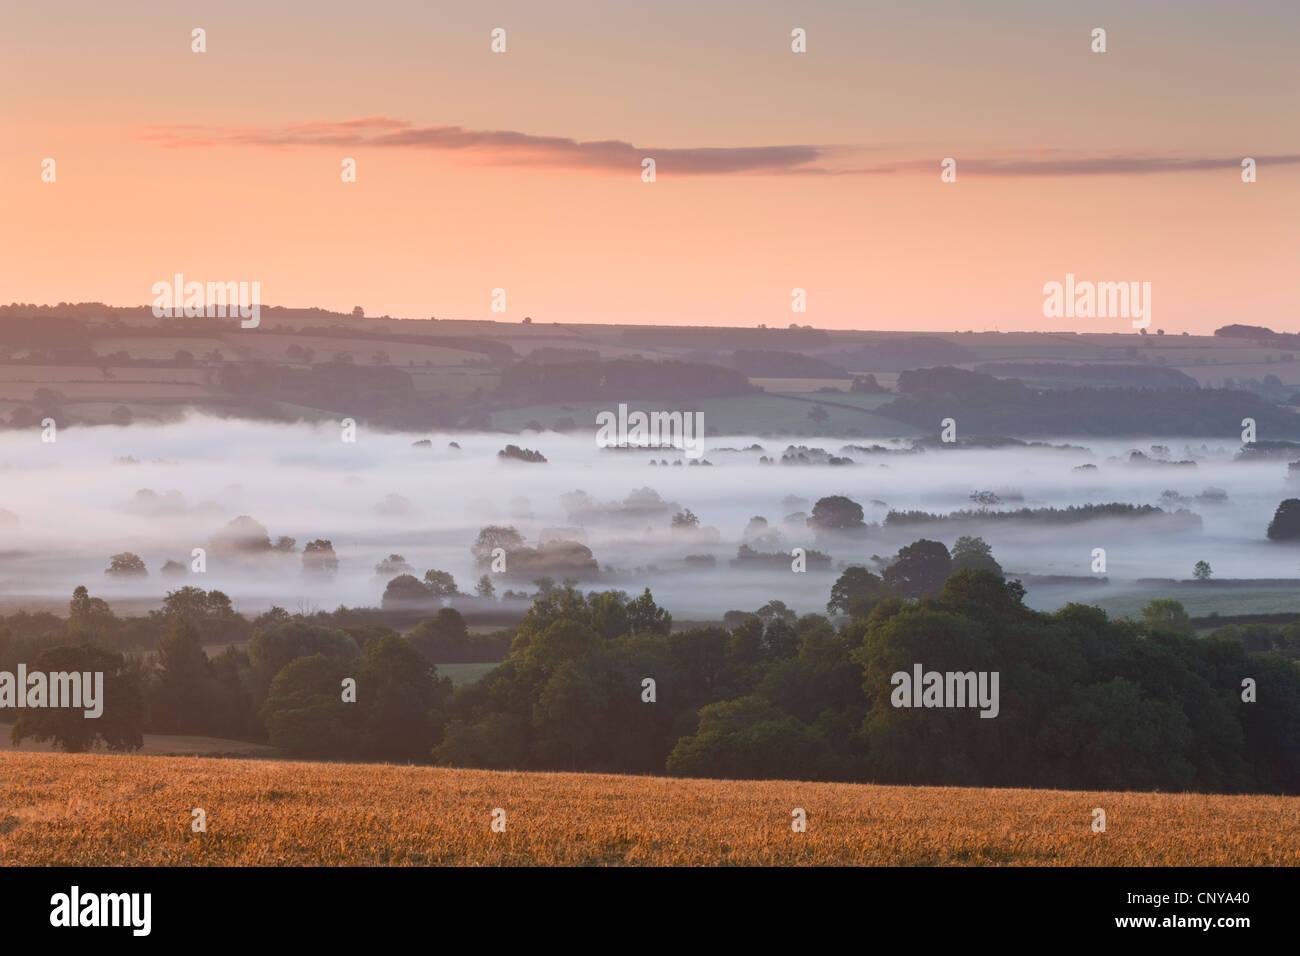 Nebbia copriva Cotswolds campagna vicino a Bourton sull'acqua, Gloucestershire, Inghilterra. Estate 2011 Immagini Stock